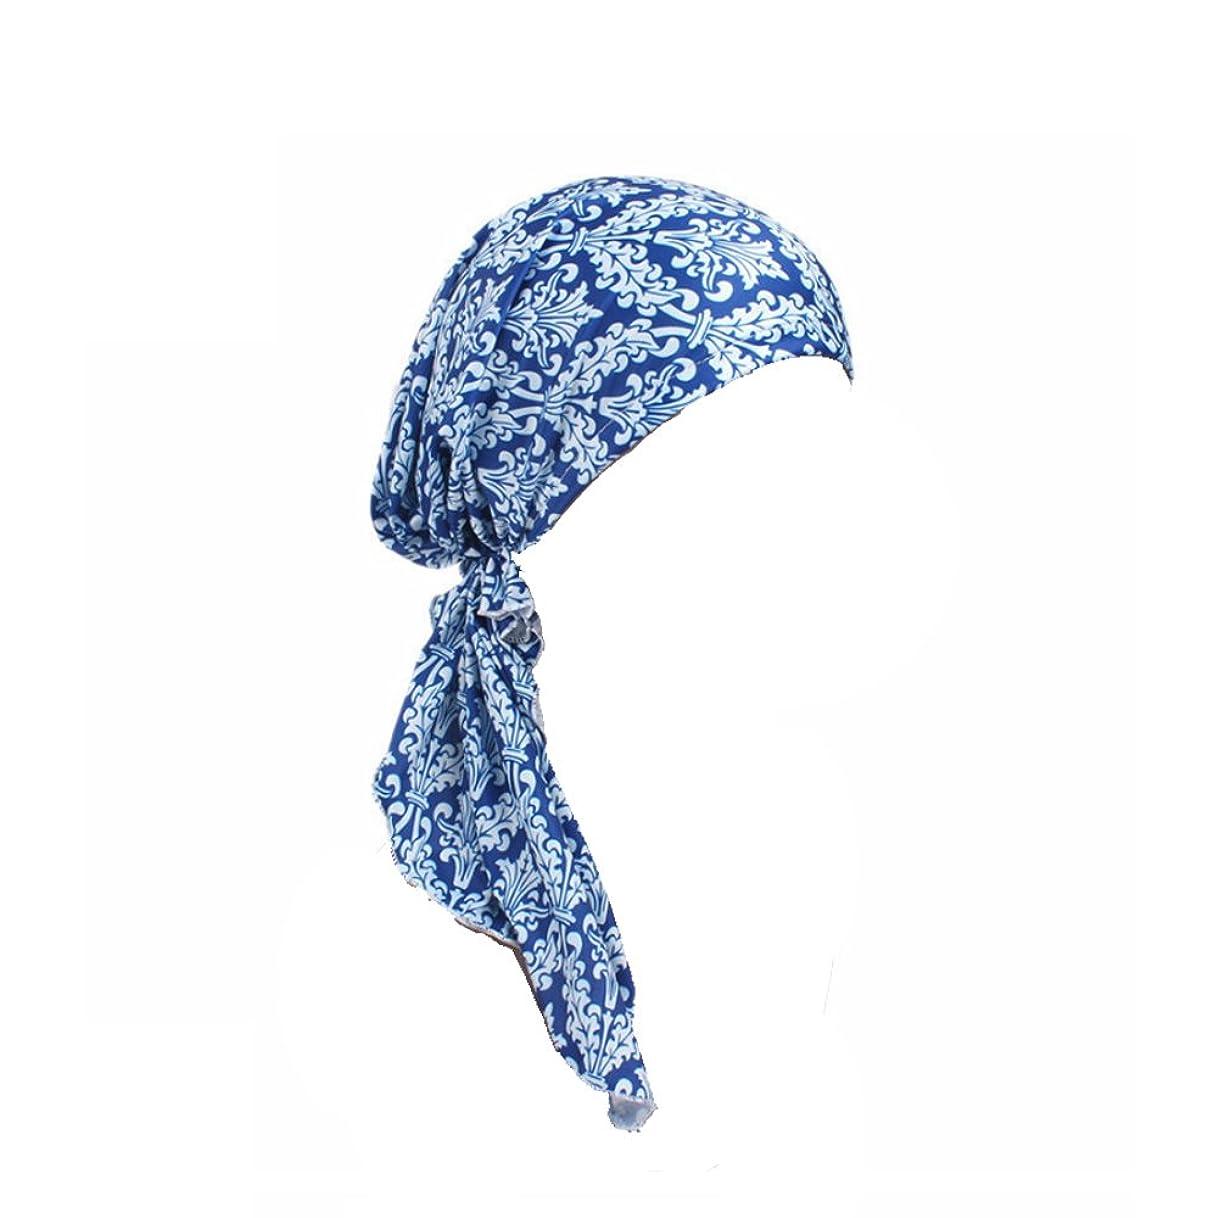 乳エコーマインドフルEver Fairy ターバン レディース スカーフキャップ 花柄 ヘッドスカーフ 睡眠、抗UV、脱毛症、化学療法の患者のために バイザー